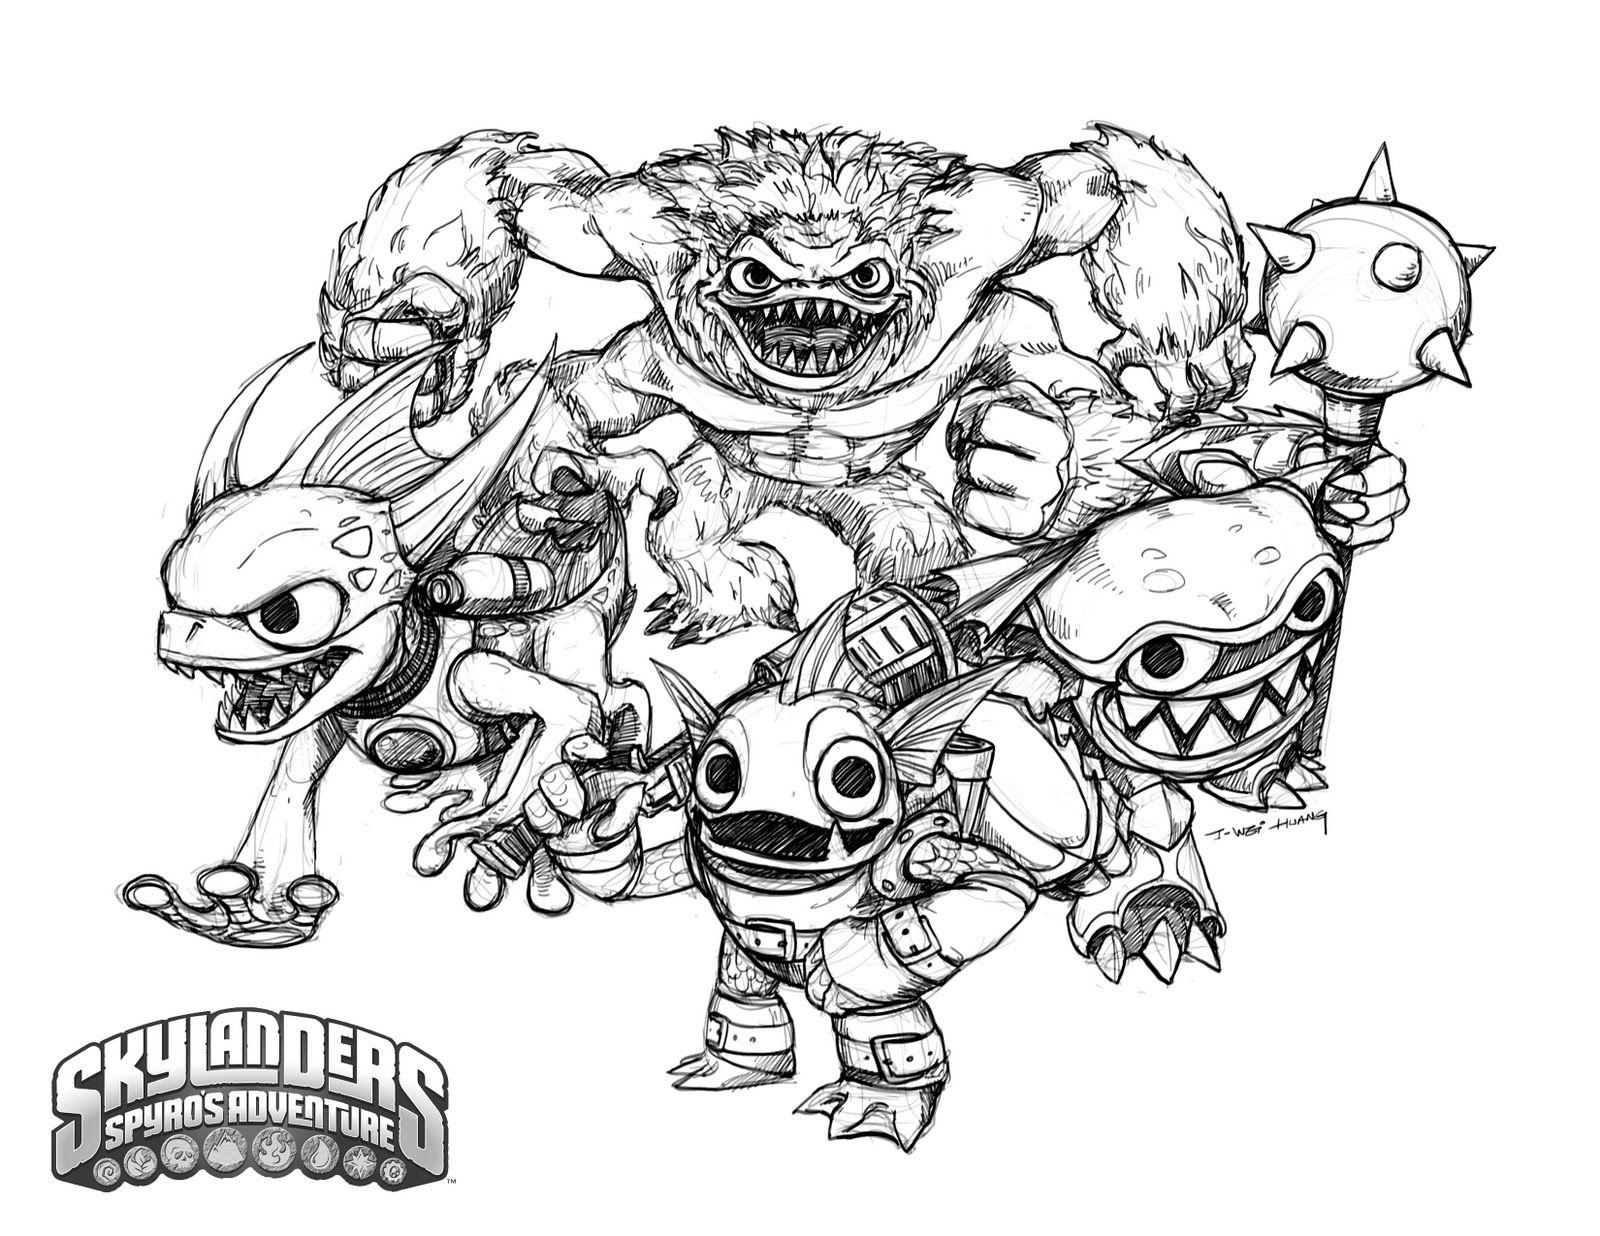 Ka Boom Comes From Skylanders Trap Team More Skylanders Coloring Sheets On Hellokids Com Dragon Coloring Page Coloring Pages Turtle Coloring Pages